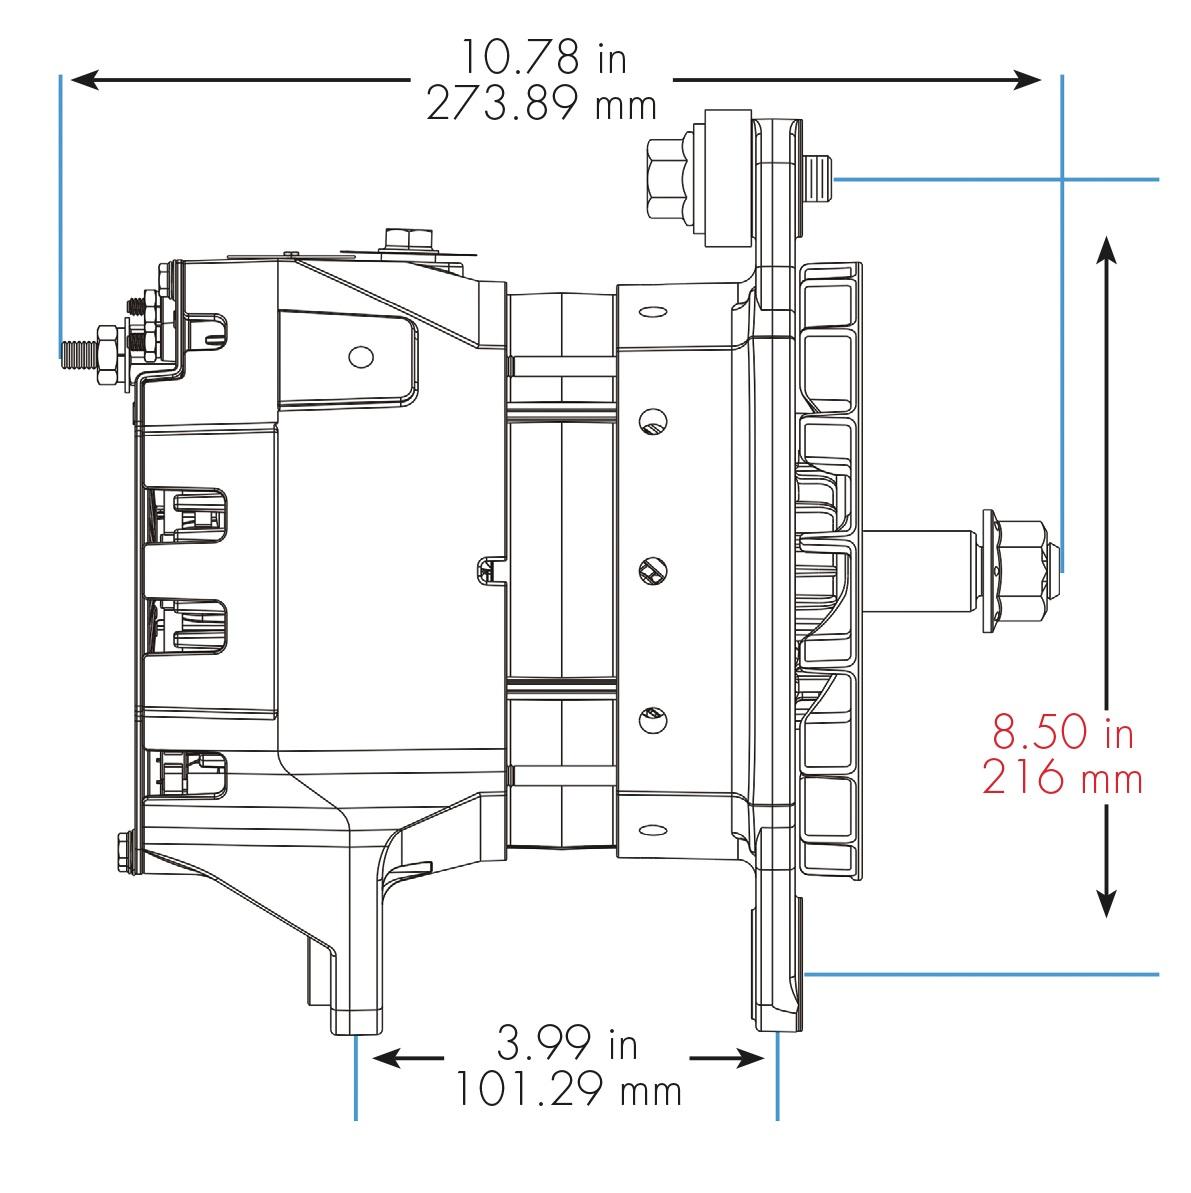 medium resolution of 22si alternator wiring diagram identify diagram alternator wiringdelco remy si alternator wiring diagram wiring diagram alternators